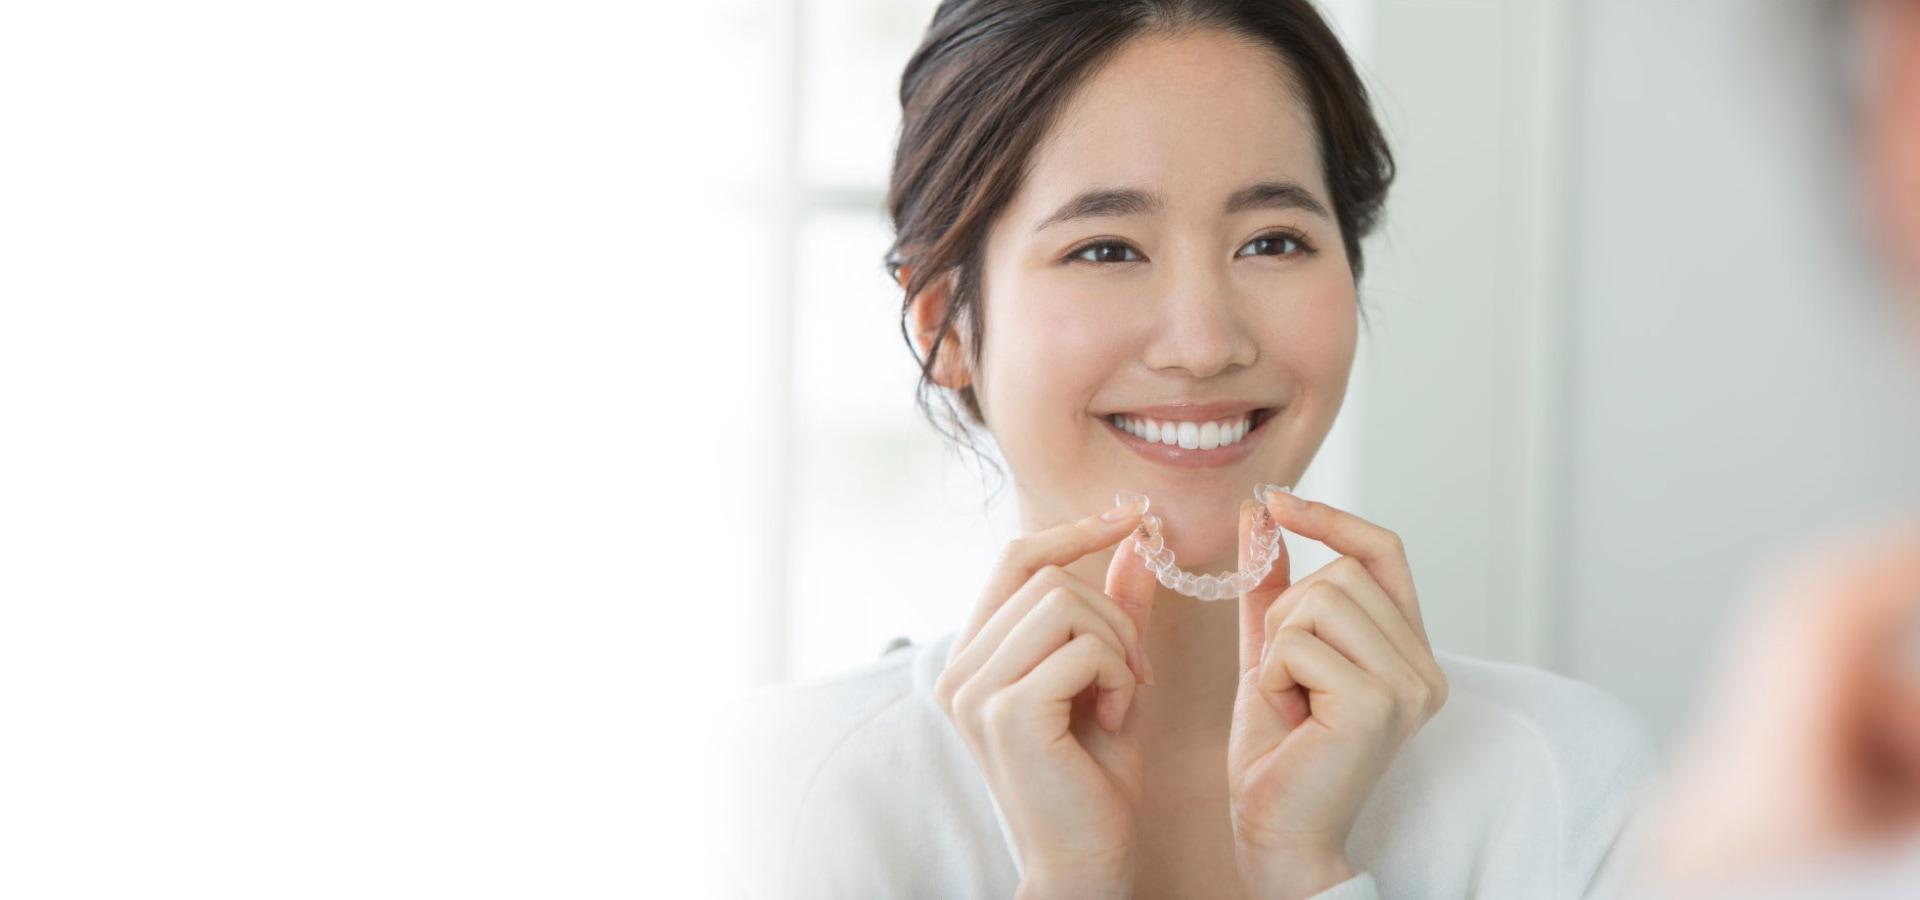 目立たず痛くない口腔内に優しい矯正治療インビザライン